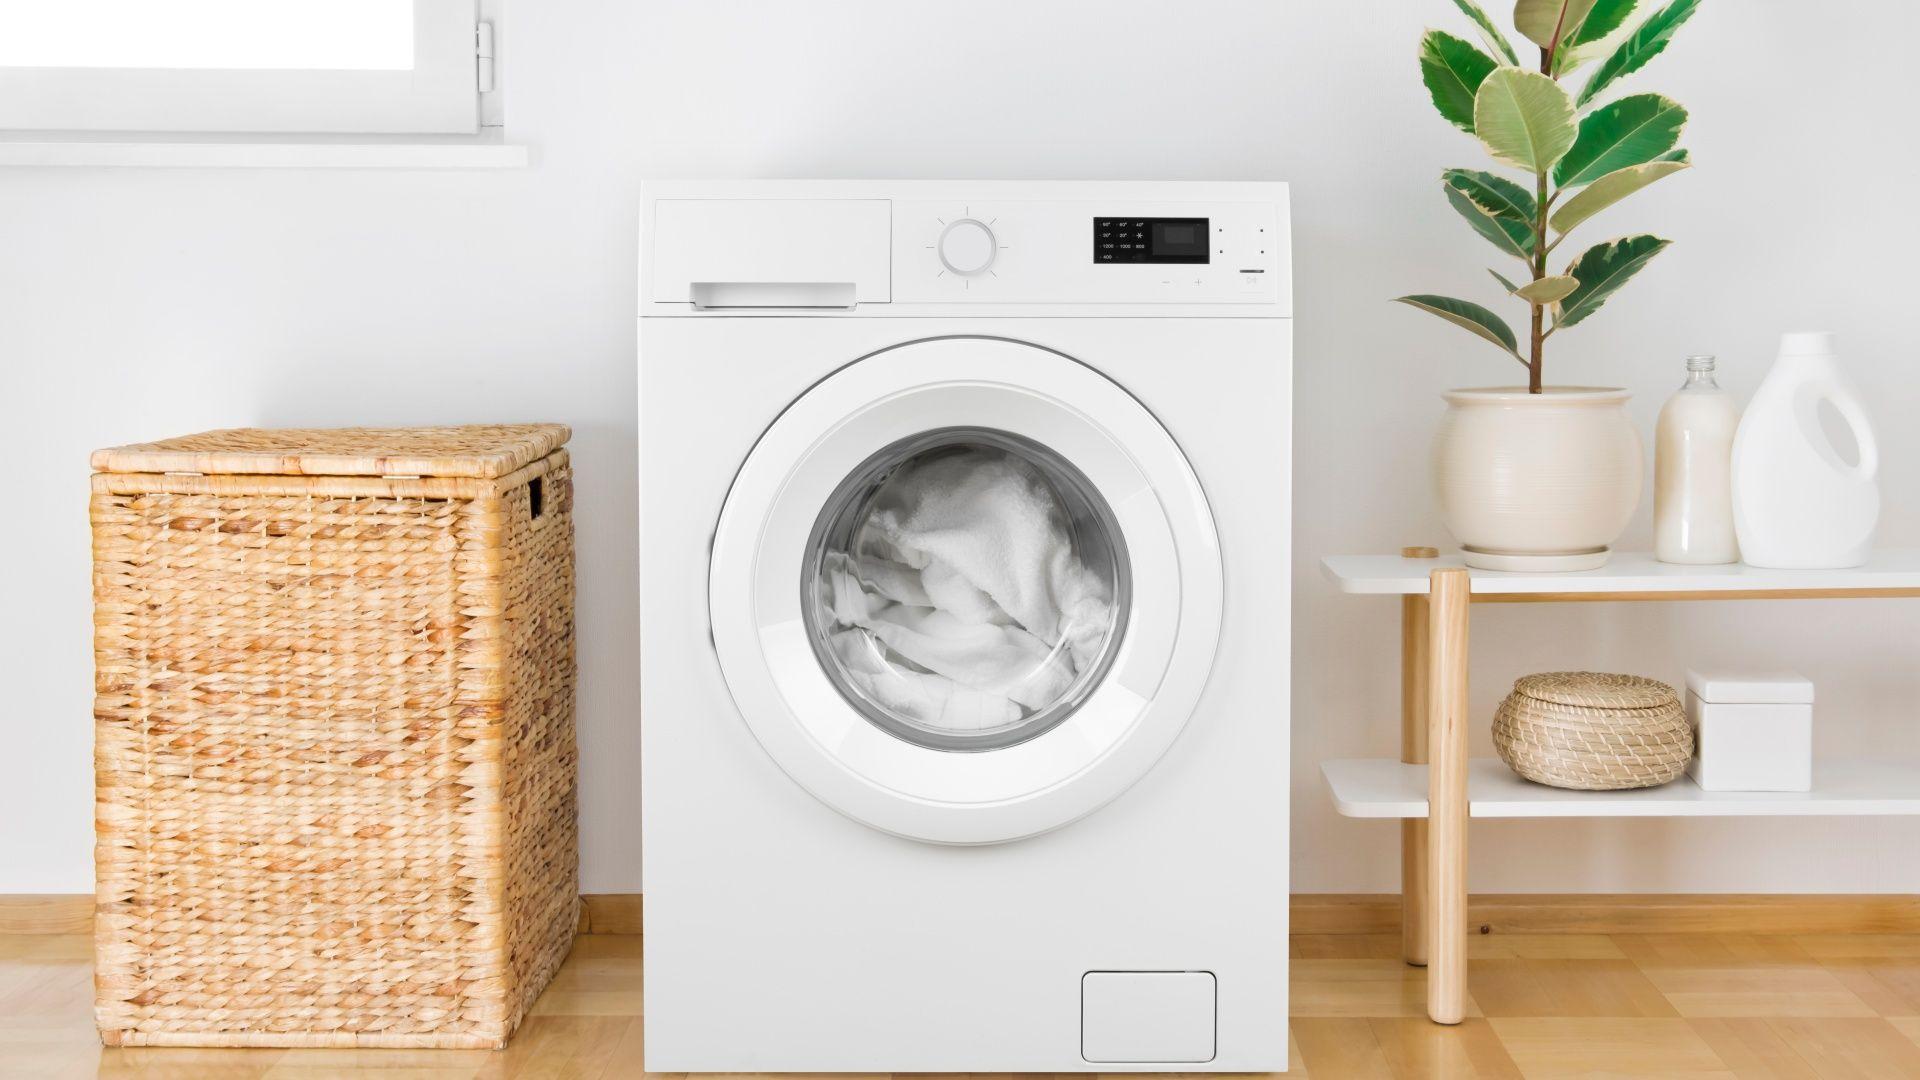 Separar as roupas por cores e tipos de tecido é o primeiro passo para aprender como lavar roupa (Foto: Shutterstock)